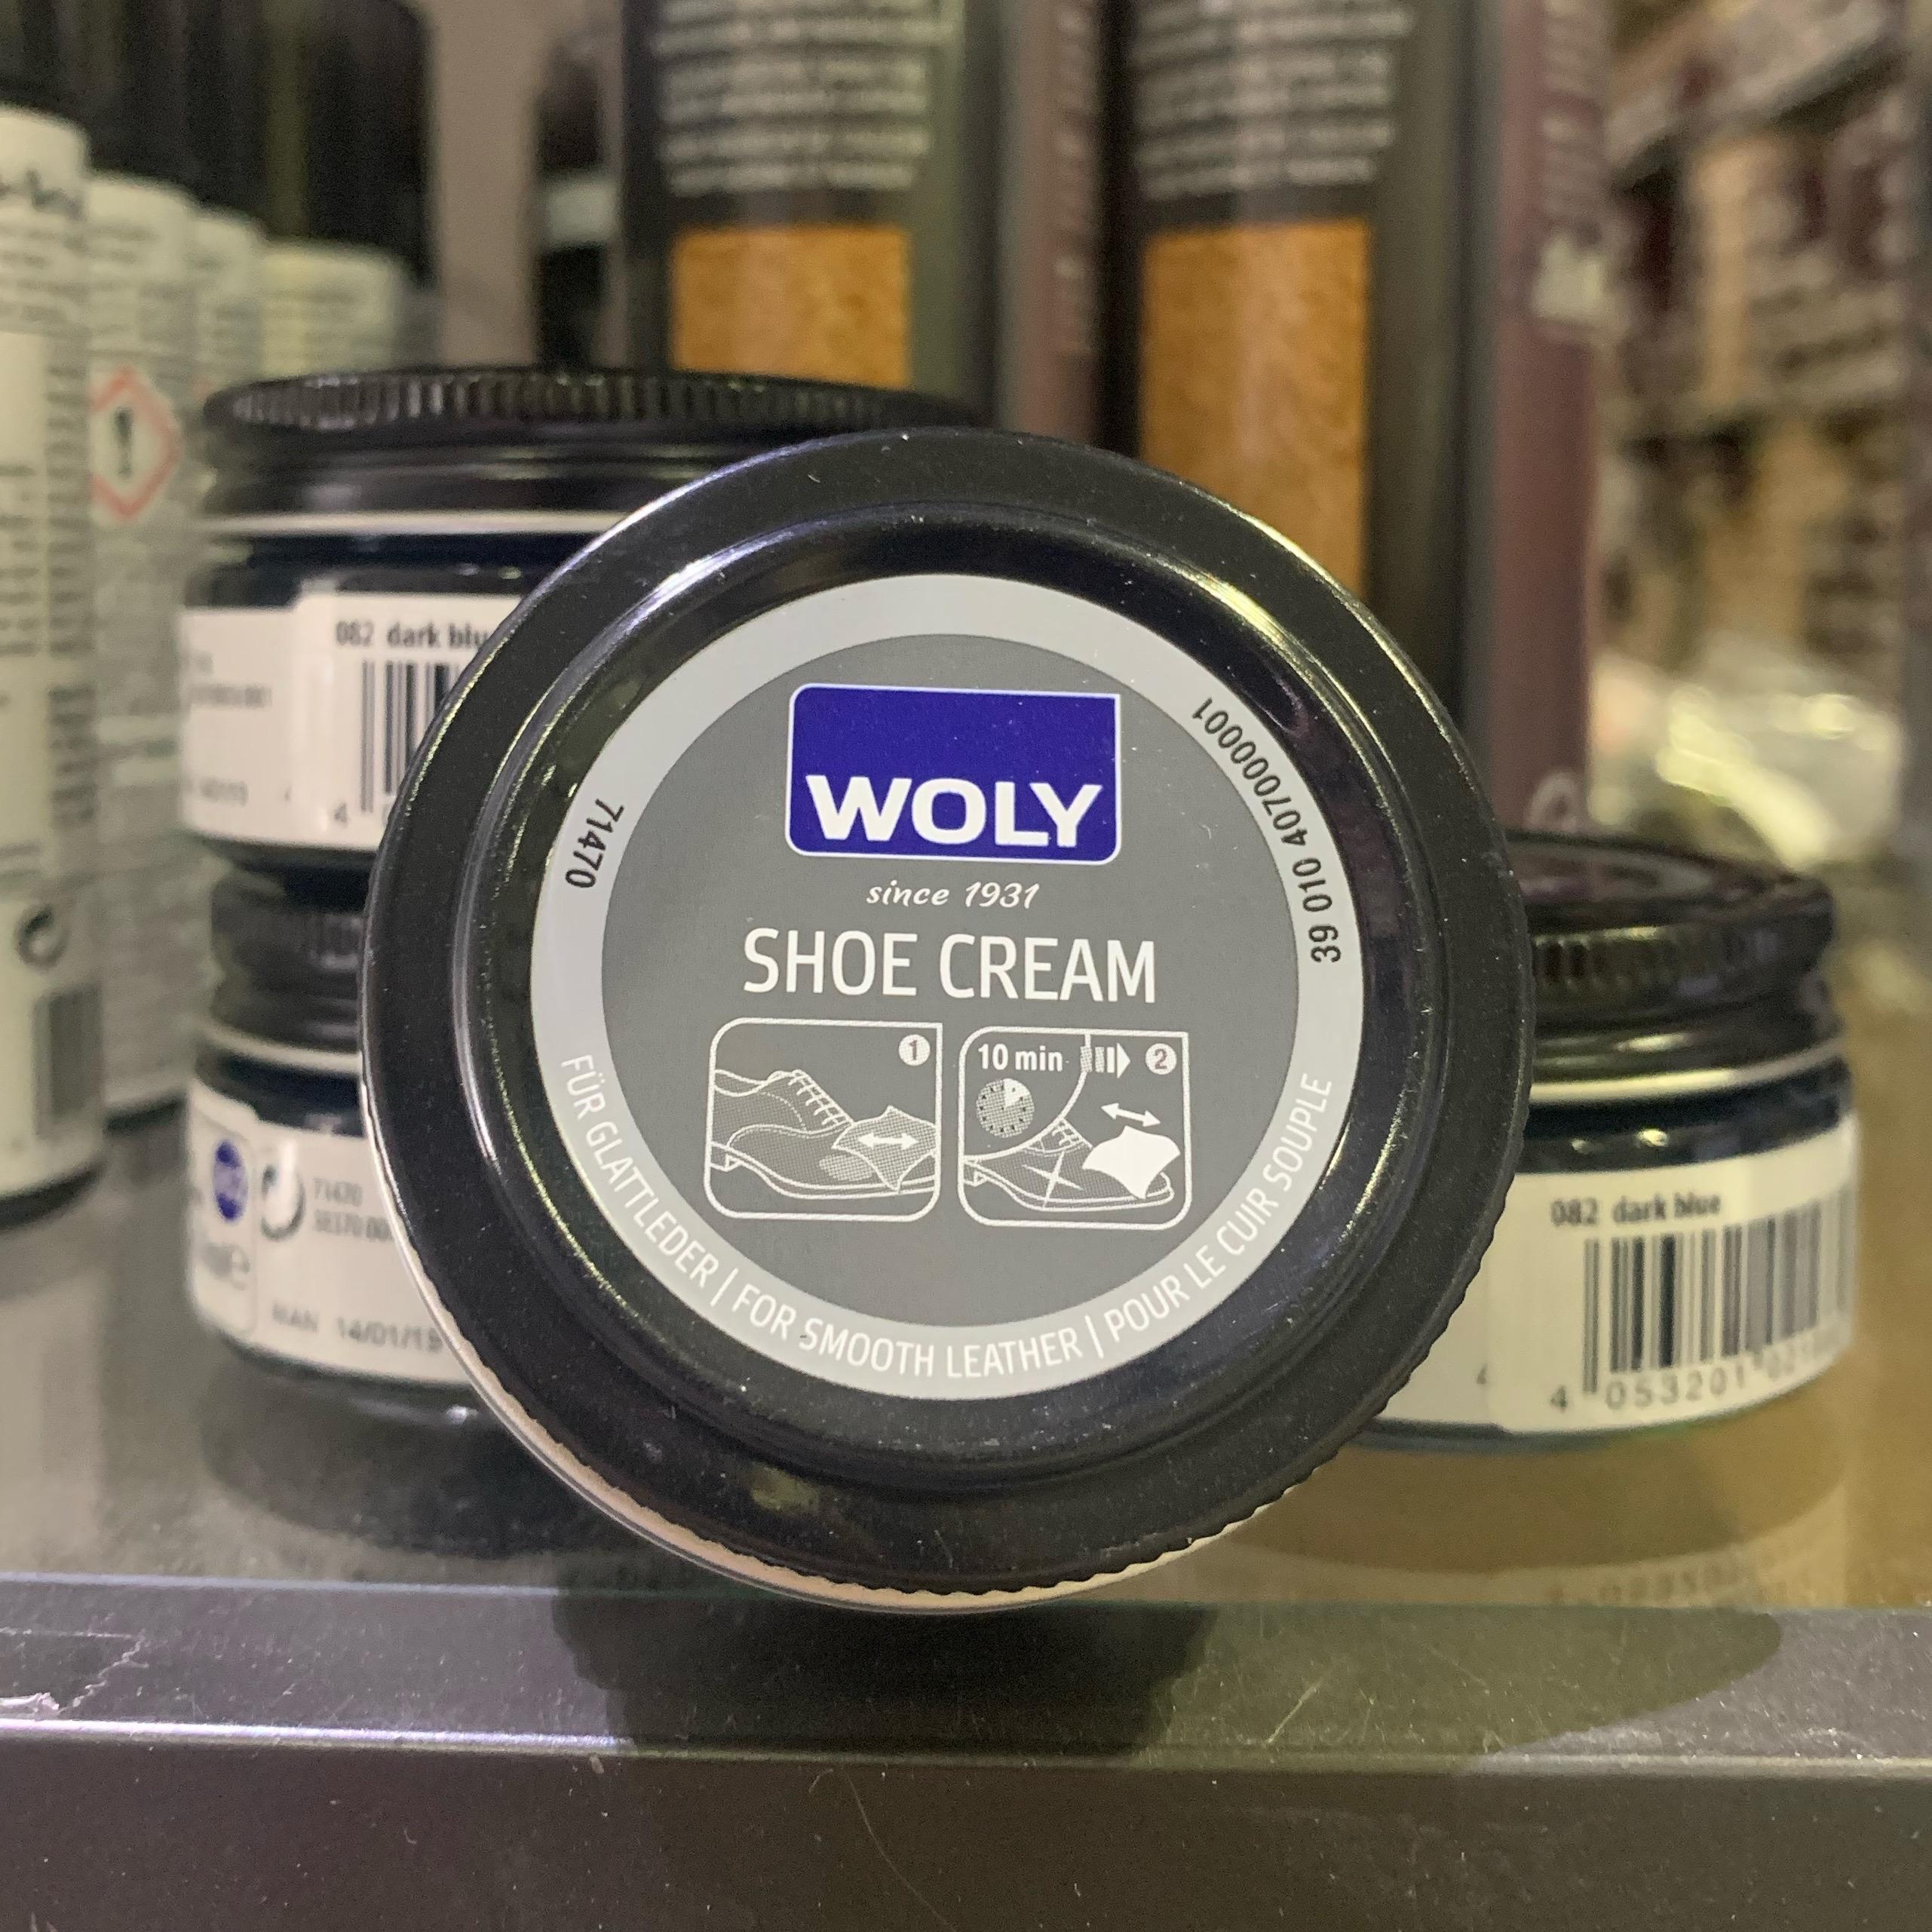 woly shoe cream 50 dark blue